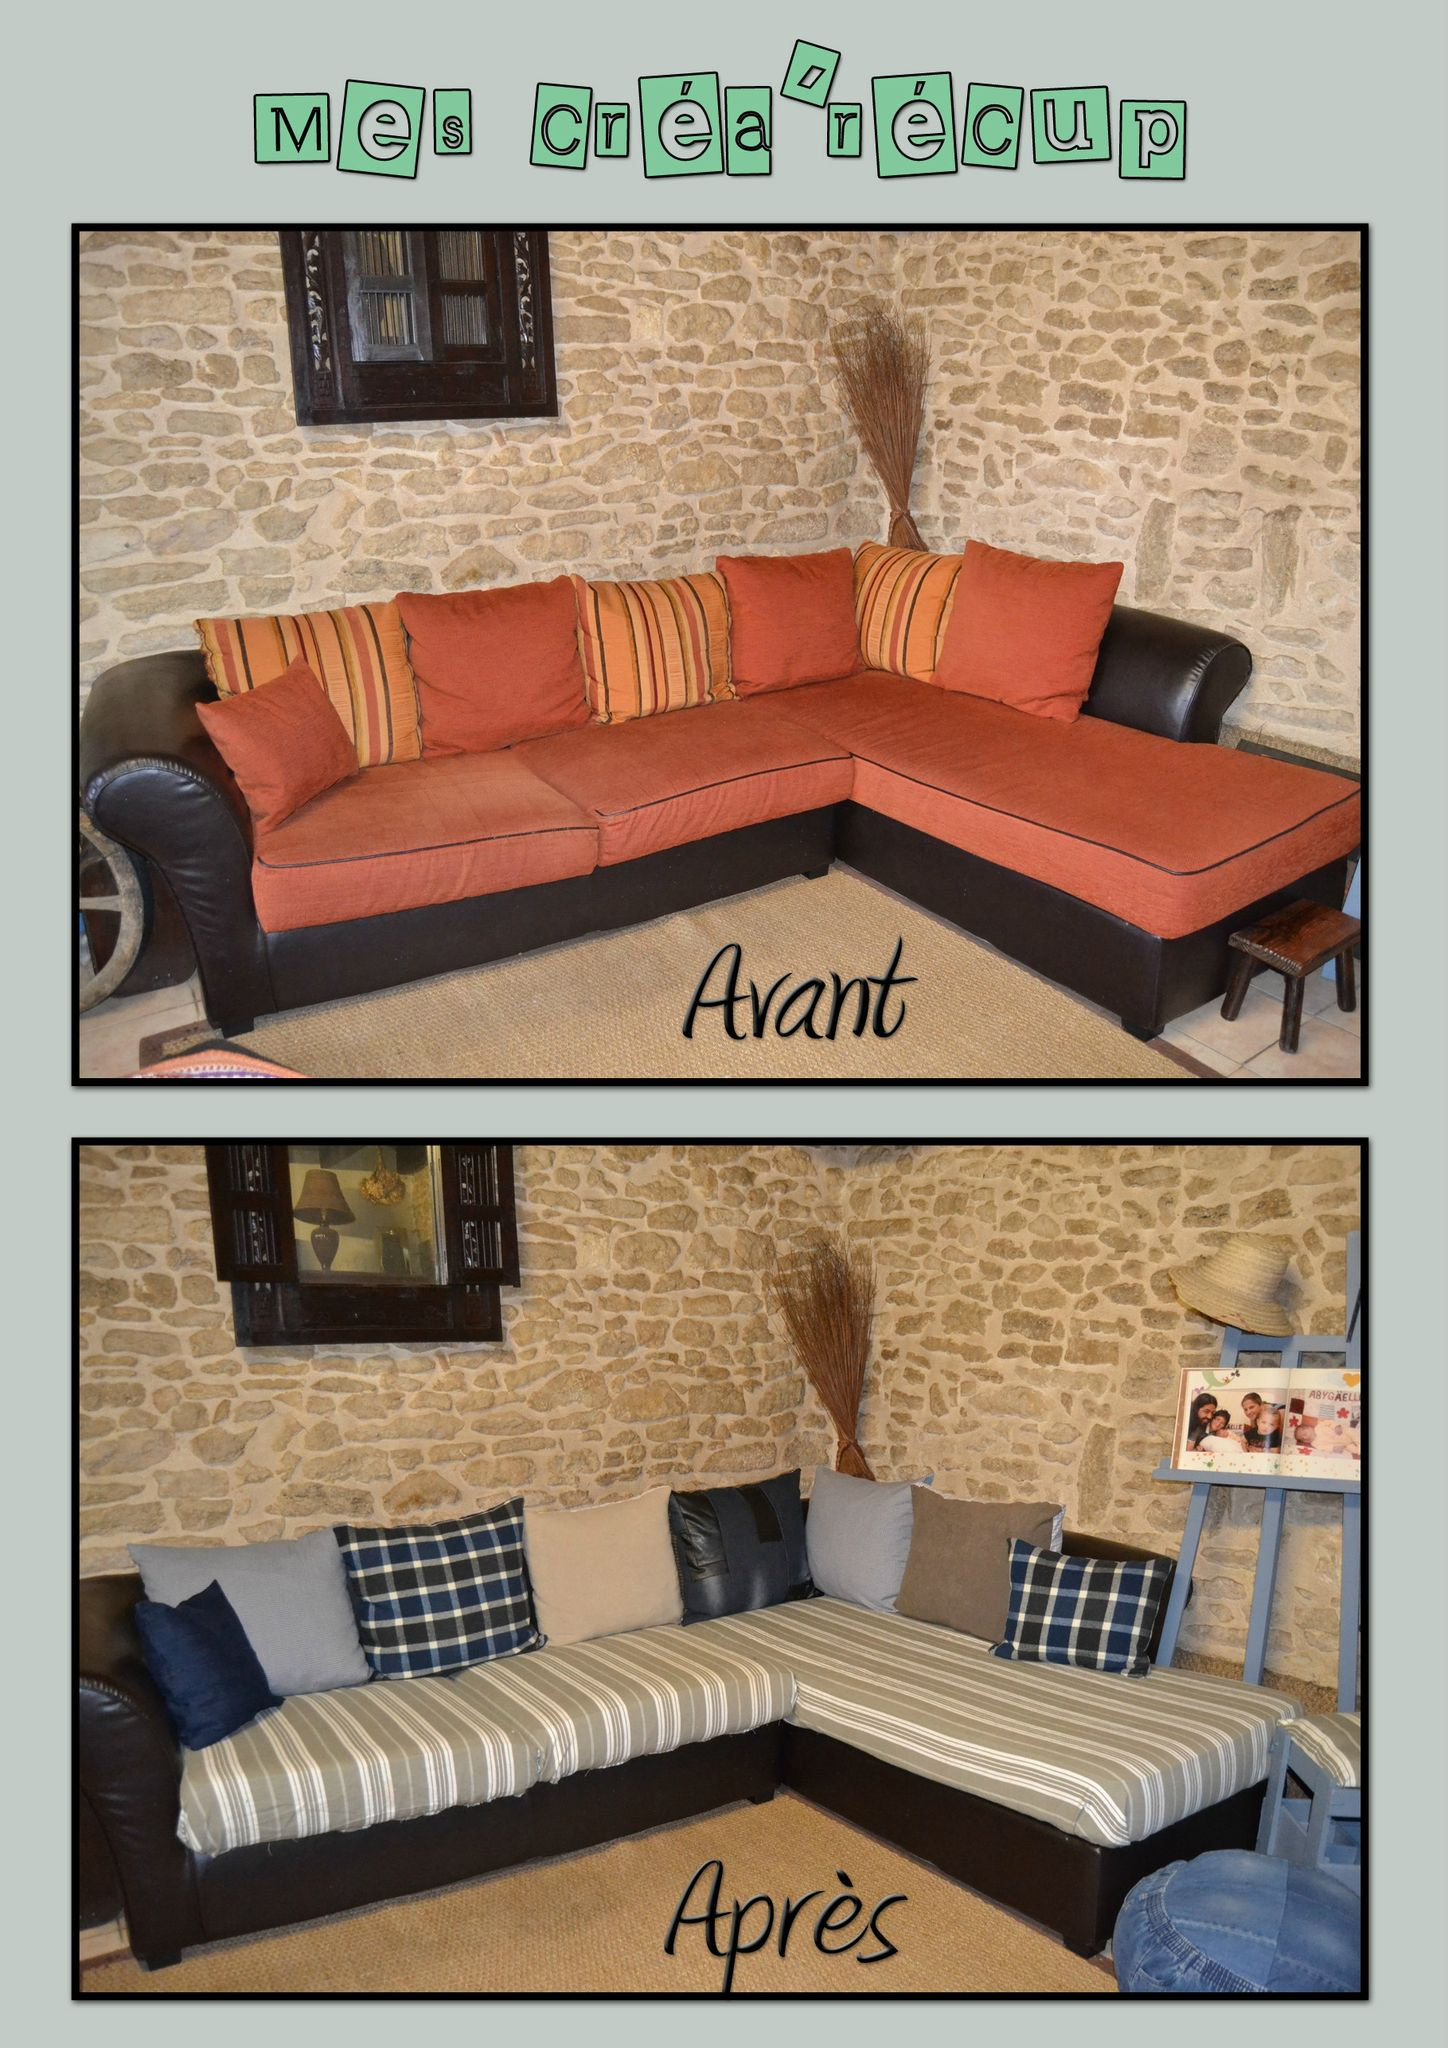 un pti coussin tout doux mes cr a 39 r cup. Black Bedroom Furniture Sets. Home Design Ideas